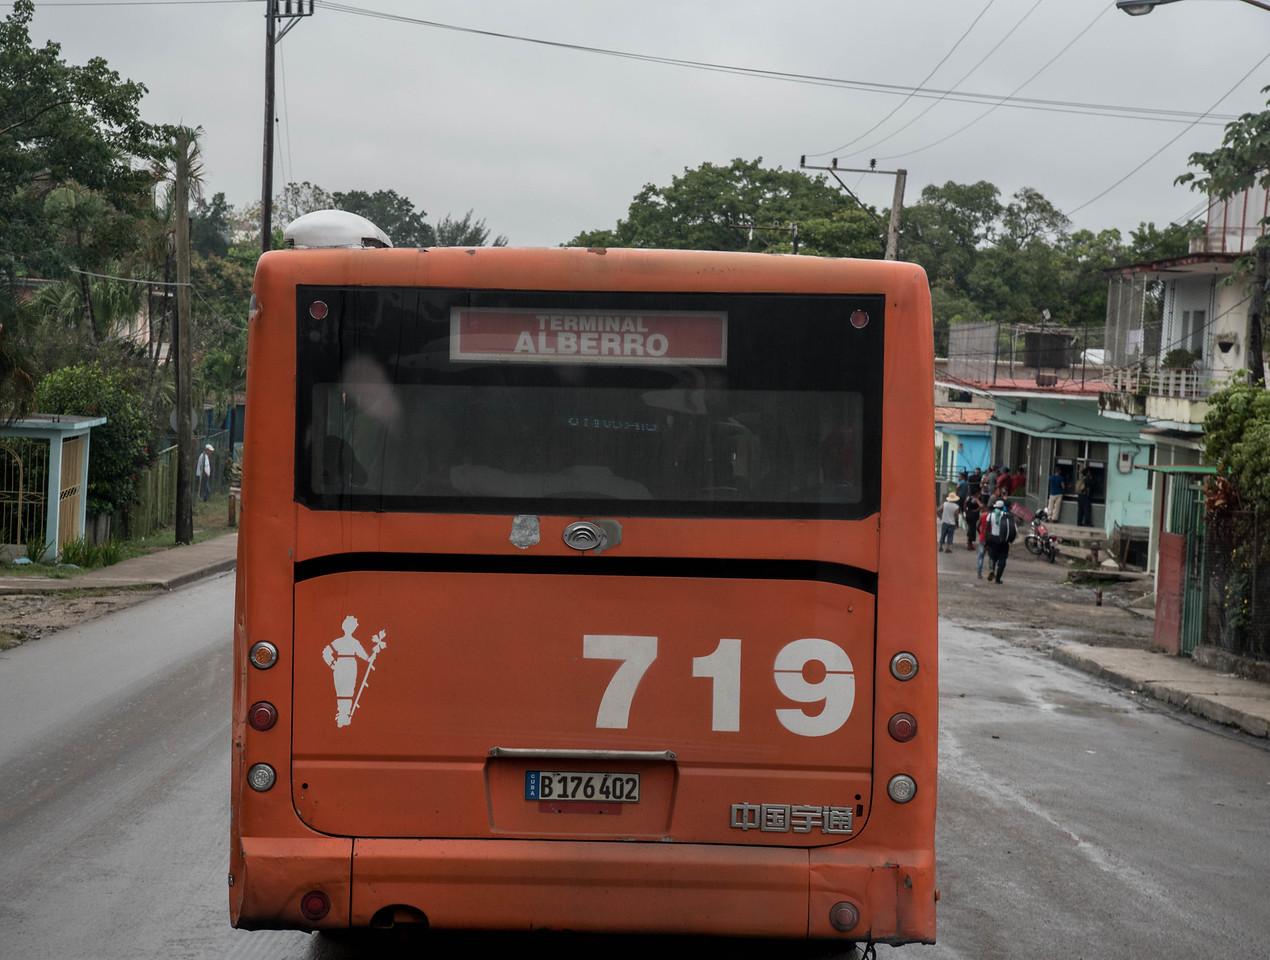 Behind a bus